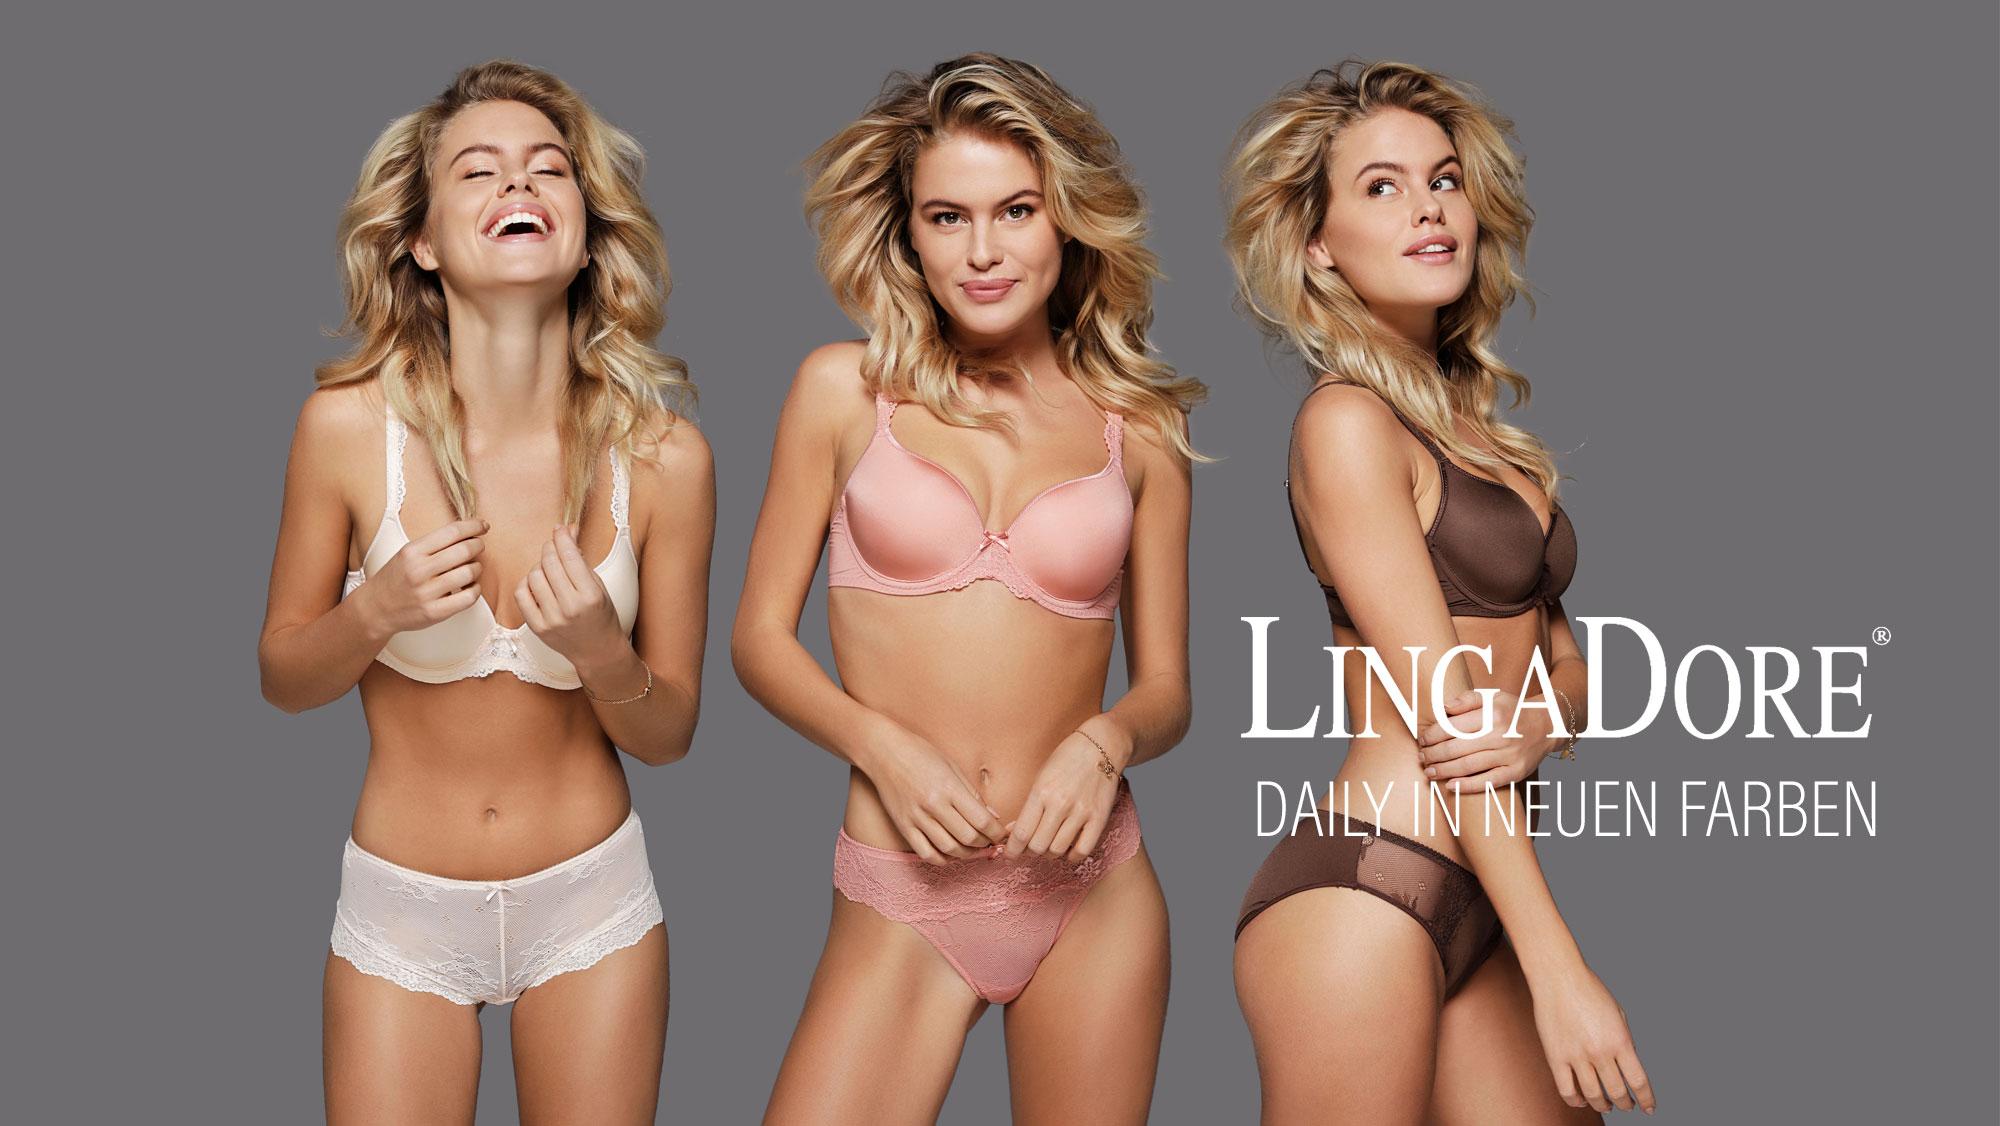 LingaDore Daily